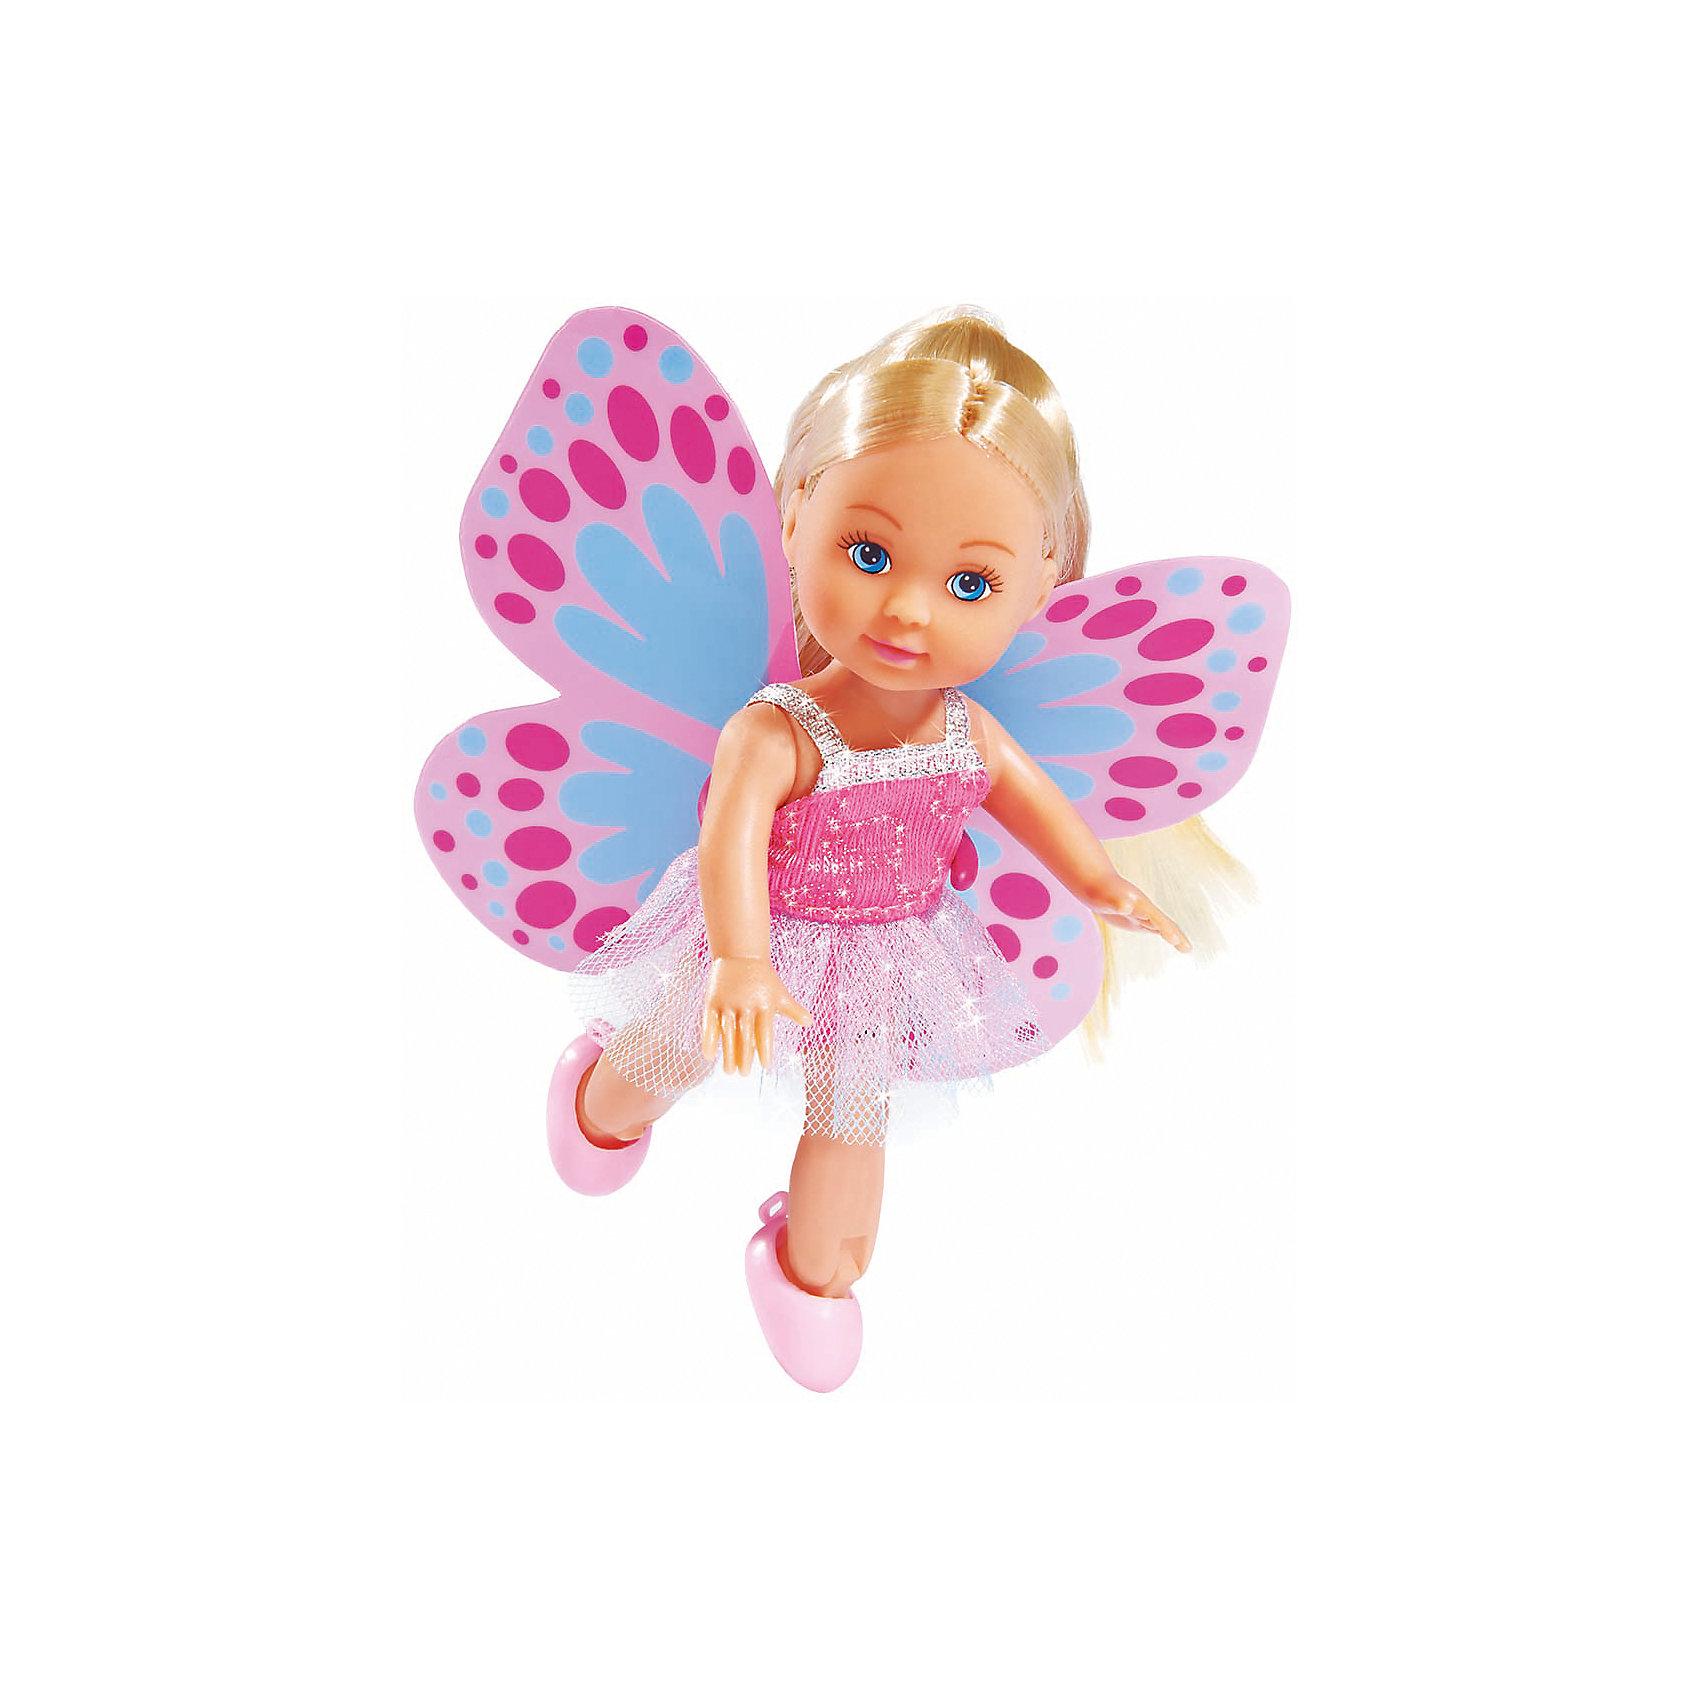 Кукла Еви в 3 образах: русалочка, принцесса, фея, SimbaБренды кукол<br>Характеристики товара:<br><br>- цвет: разноцветный;<br>- материал: пластик;<br>- возраст: от трех лет;<br>- комплектация: кукла, одежда, аксесуары;<br>- высота куклы: 12 см.<br><br>Эта симпатичная кукла Еви от известного бренда приводит детей в восторг! Какая девочка сможет отказаться поиграть с куклами, которые дополнены набором в виде трех компелектов для создания образа феи или русалочки?! В набор входят аксессуары для игр с куклой. Игрушка очень качественно выполнена, поэтому она станет замечательным подарком ребенку. <br>Продается набор в красивой удобной упаковке. Изделие произведено из высококачественного материала, безопасного для детей.<br><br>Куклу Еви в 3 образах: русалочка, принцесса, фея от бренда Simba можно купить в нашем интернет-магазине.<br><br>Ширина мм: 45<br>Глубина мм: 162<br>Высота мм: 181<br>Вес г: 125<br>Возраст от месяцев: 36<br>Возраст до месяцев: 120<br>Пол: Женский<br>Возраст: Детский<br>SKU: 5119518